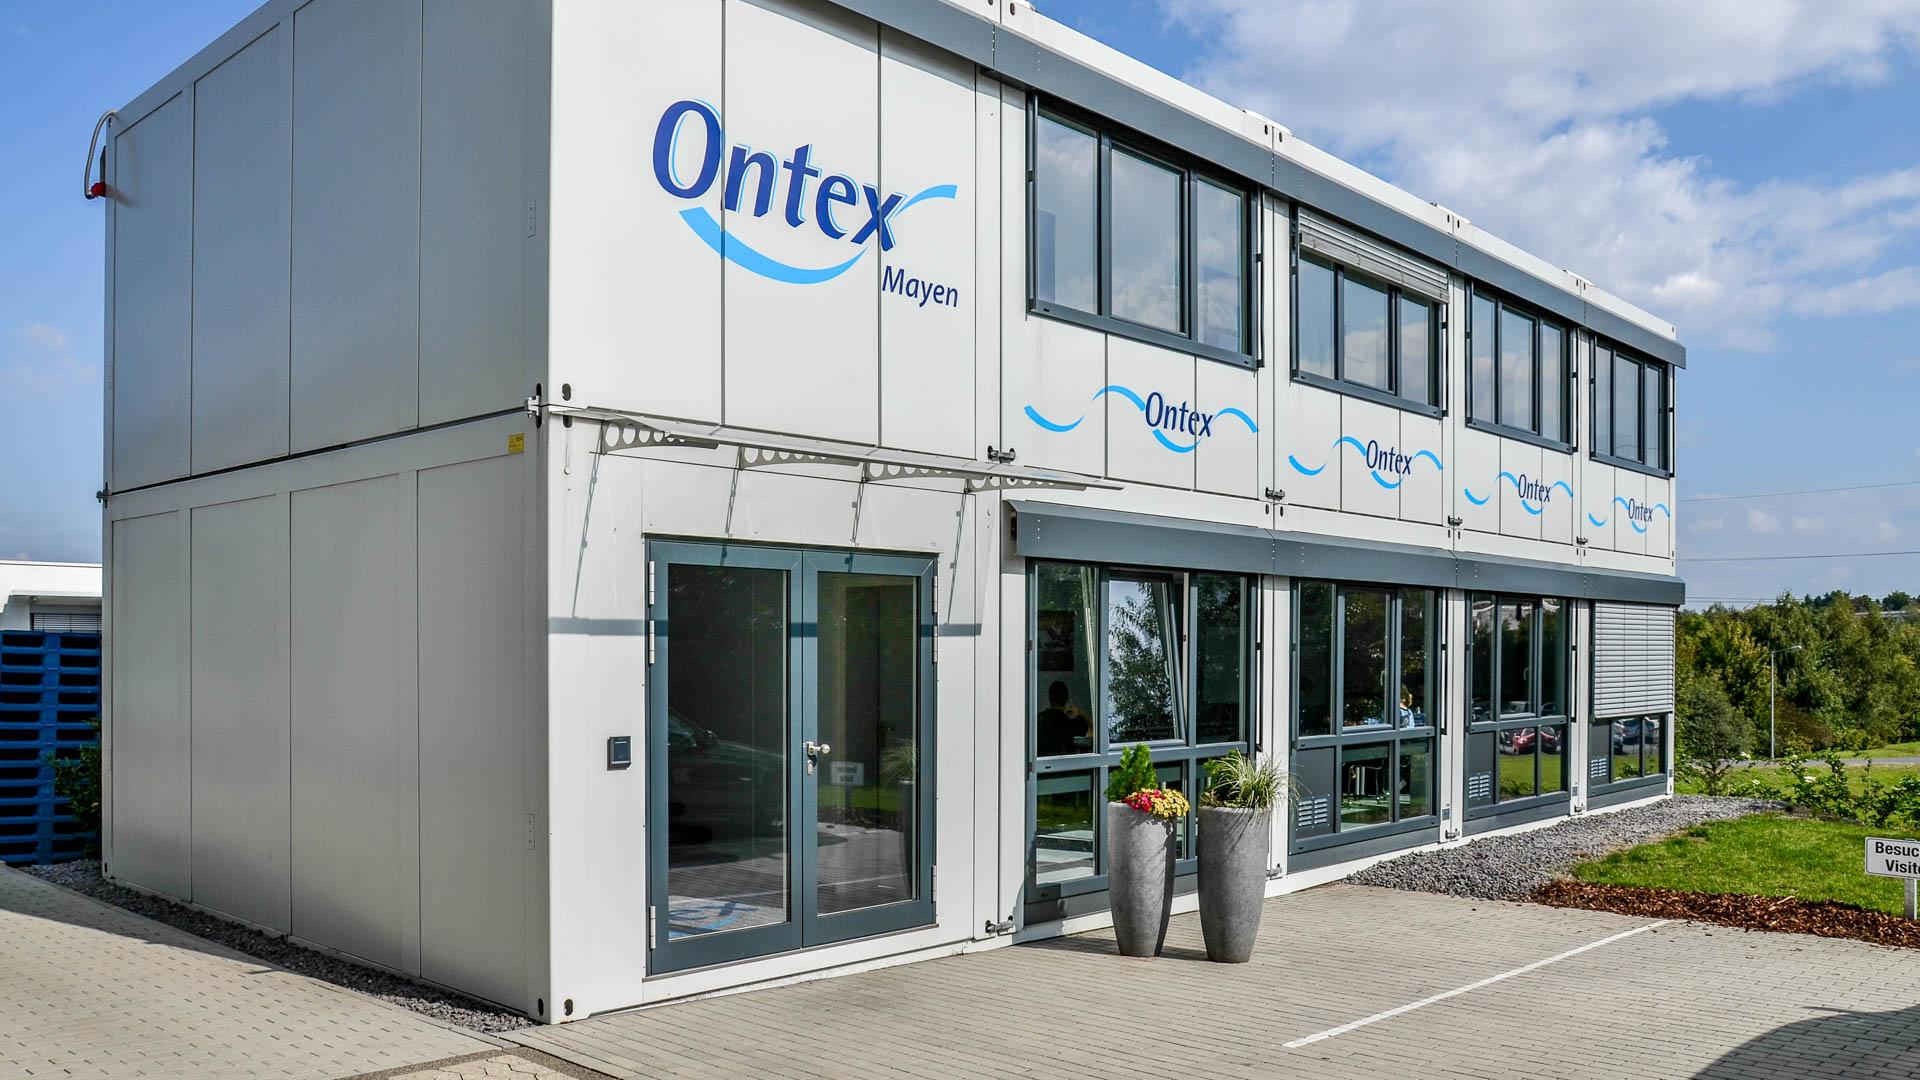 Containervermietung Verkauf Optirent Mobilraum Mietservice Gmbh